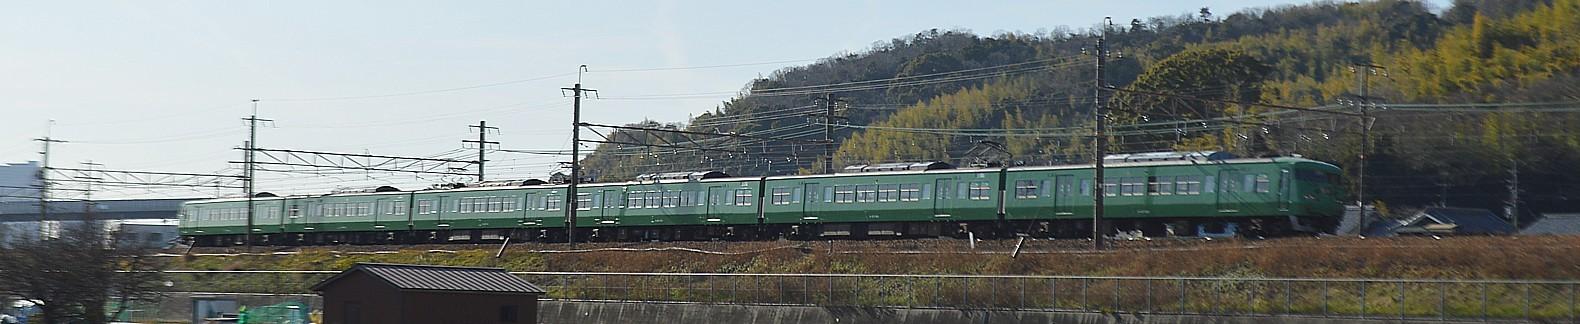 DSC_4329v.jpg